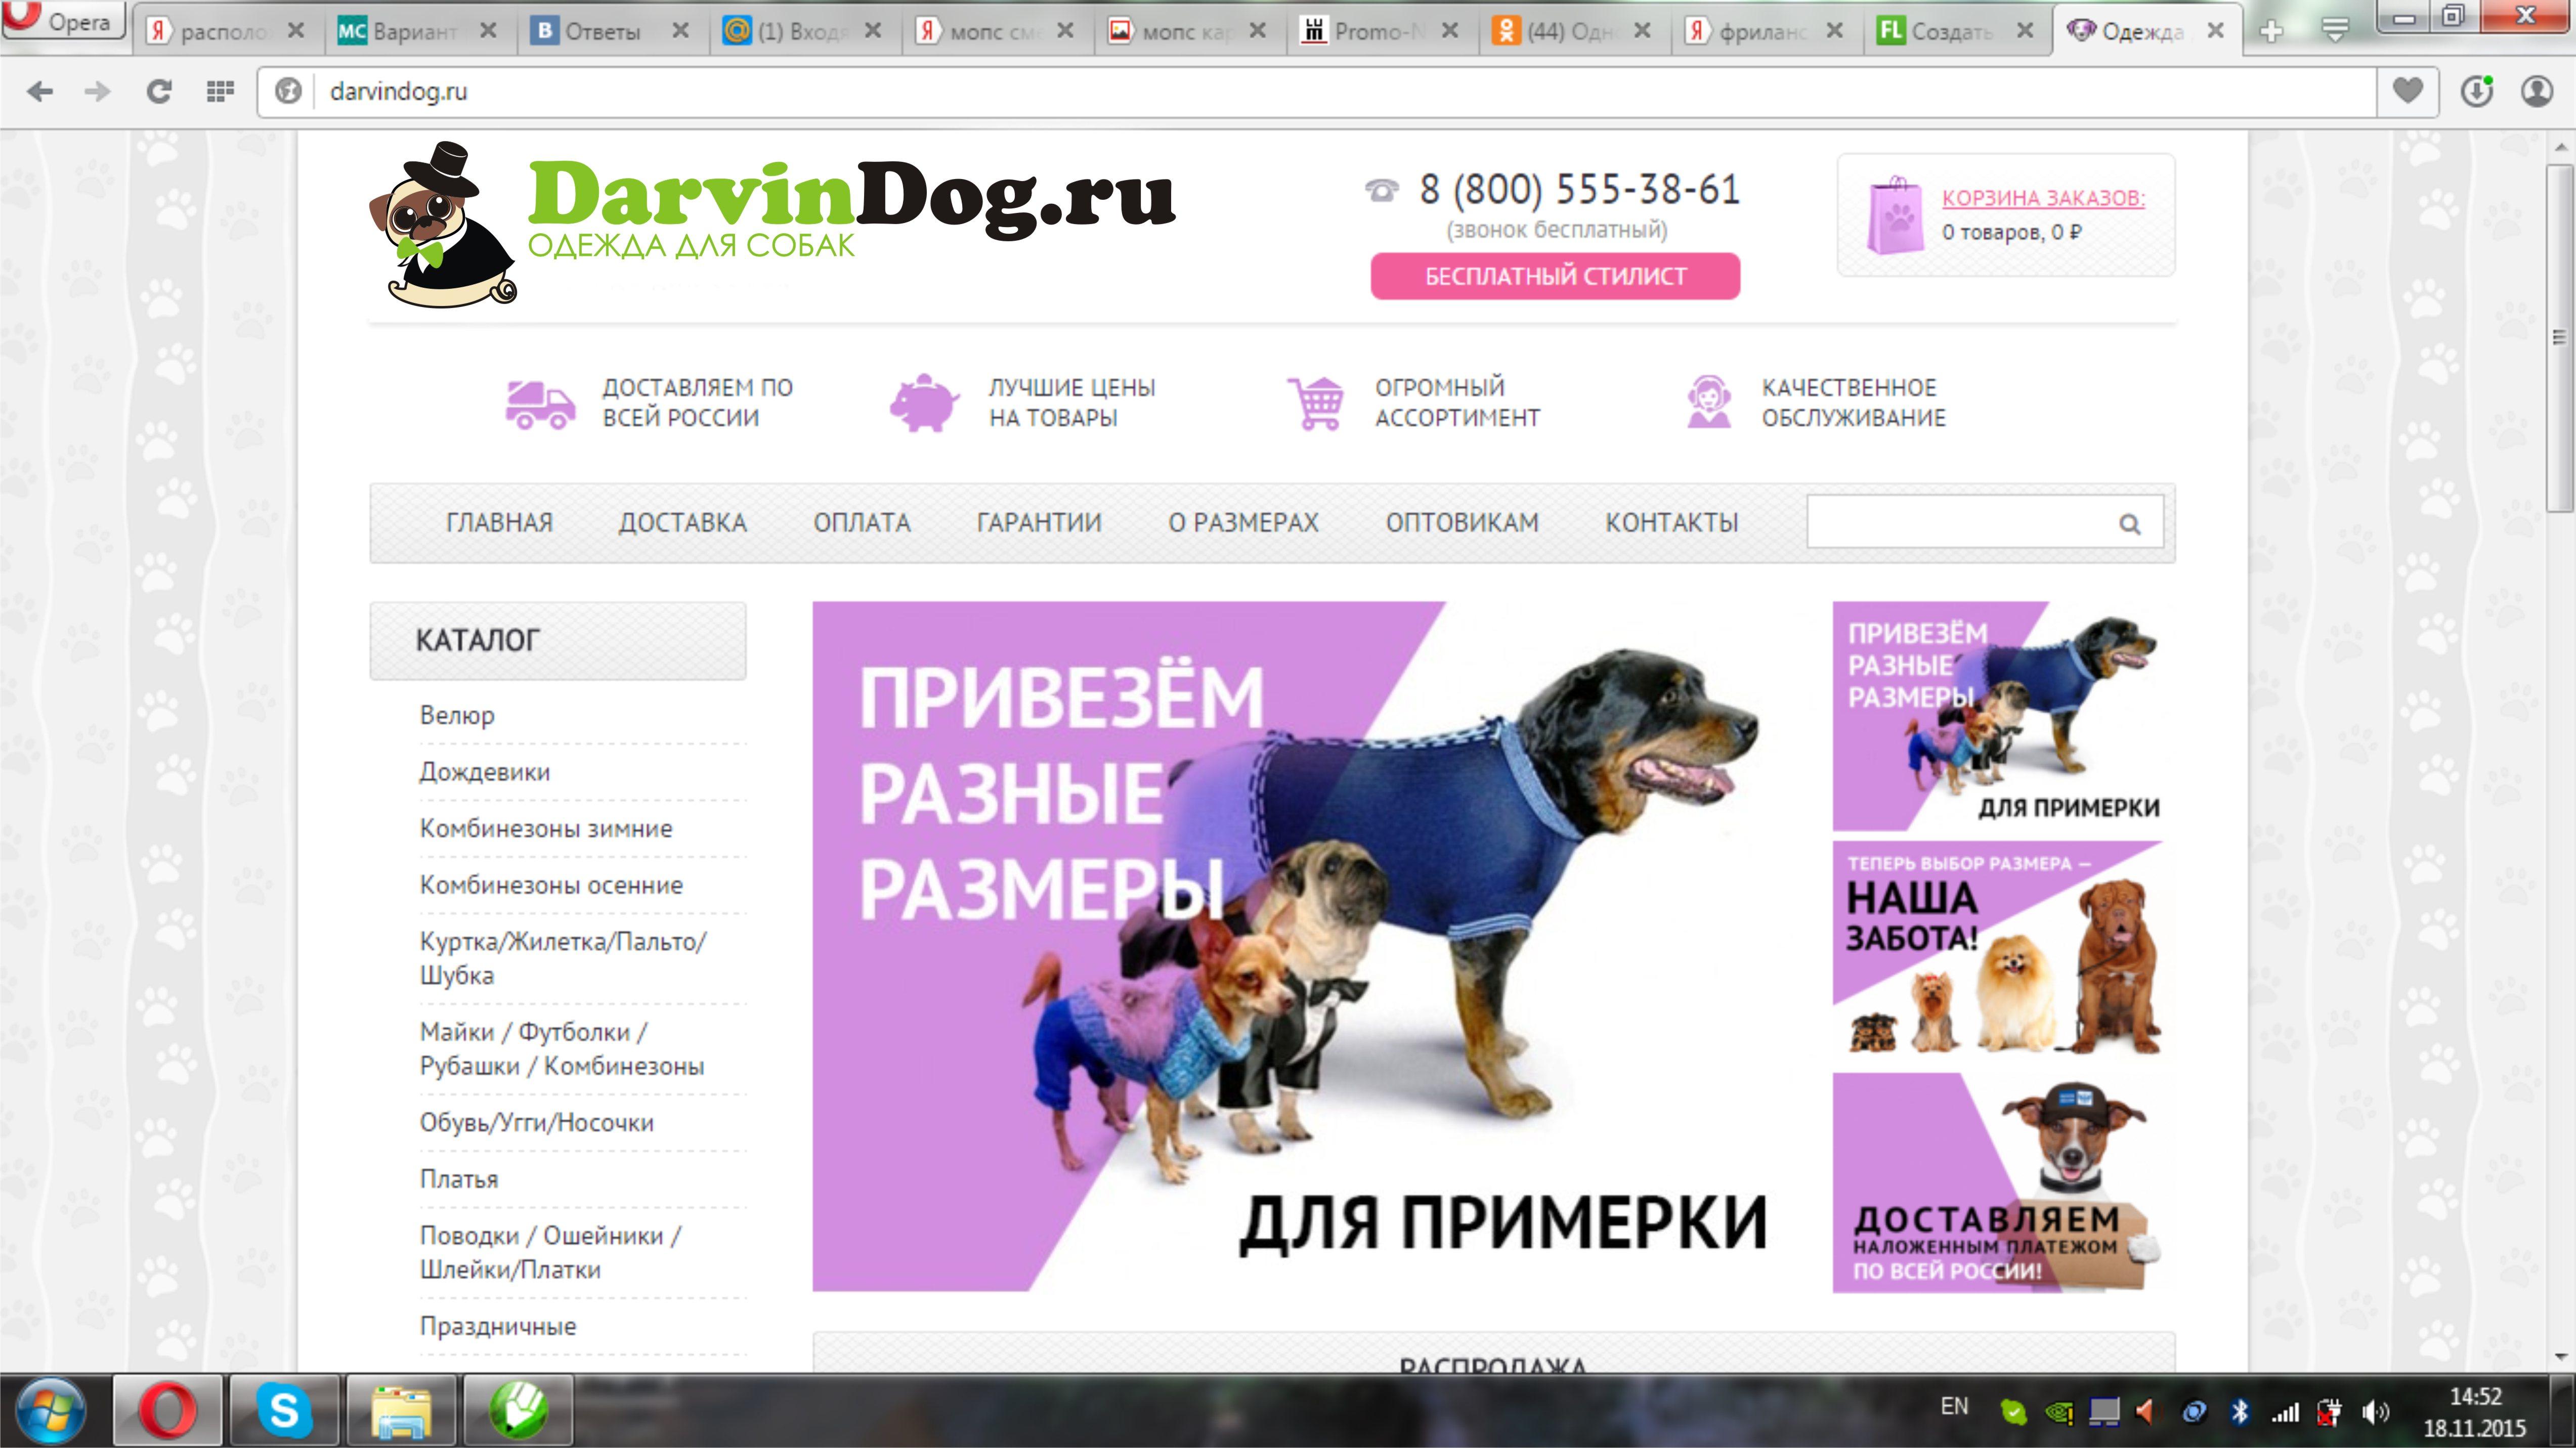 Создать логотип для интернет магазина одежды для собак фото f_801564c8777173f1.jpg